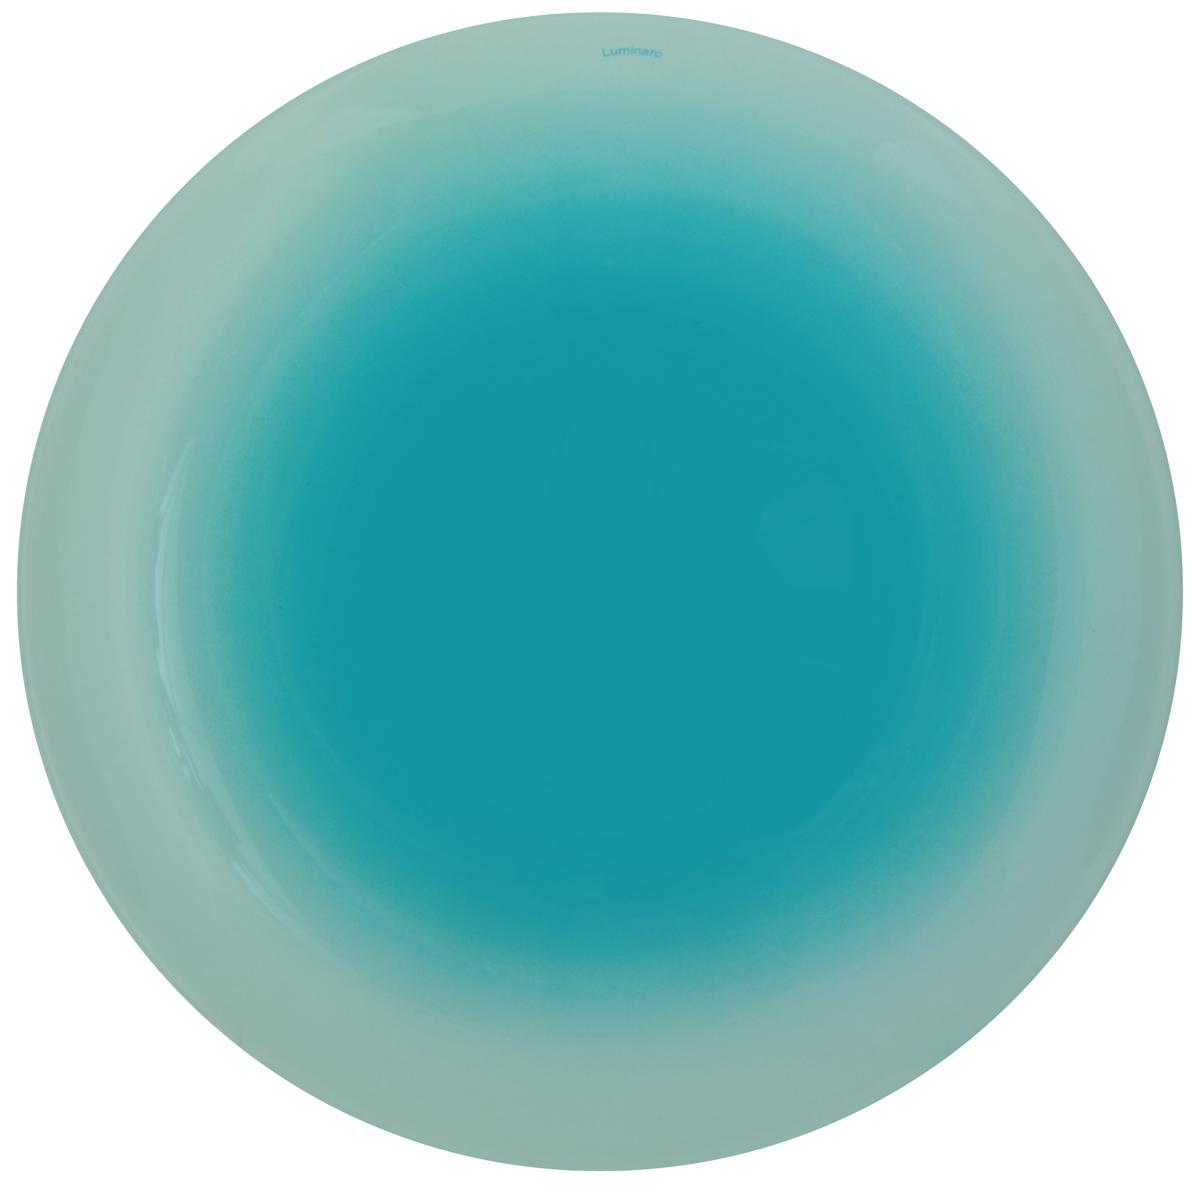 Тарелка десертная Luminarc Fizz Frozen, диаметр 20 смH8784Десертная тарелка Luminarc Fizz Frozen, изготовленная из ударопрочного стекла, имеет изысканный внешний вид. Такая тарелка прекрасно подходит как для торжественных случаев, так и для повседневного использования. Идеальна для подачи десертов, пирожных, тортов и многого другого. Она прекрасно оформит стол и станет отличным дополнением к вашей коллекции кухонной посуды. Диаметр тарелки: 20 см.